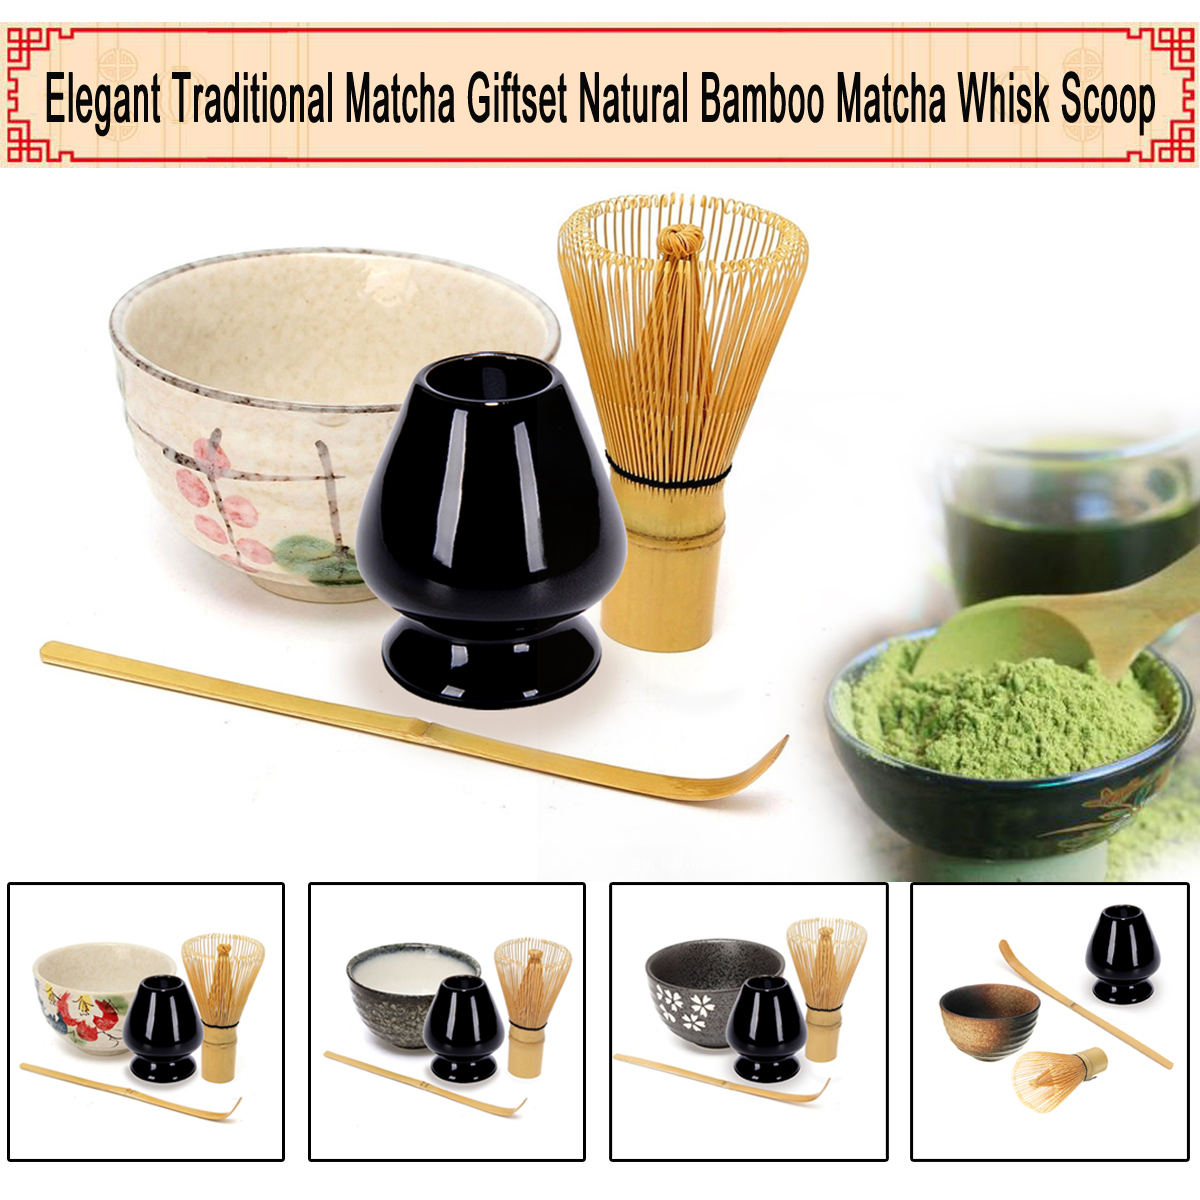 4 teile/satz Traditionellen Matcha Geschenkset Natürliche Bambus Matcha Schneebesen Scoop Ceremic Matcha Schüssel Schneebesen Halter Japanischen Stil Tee-Sets